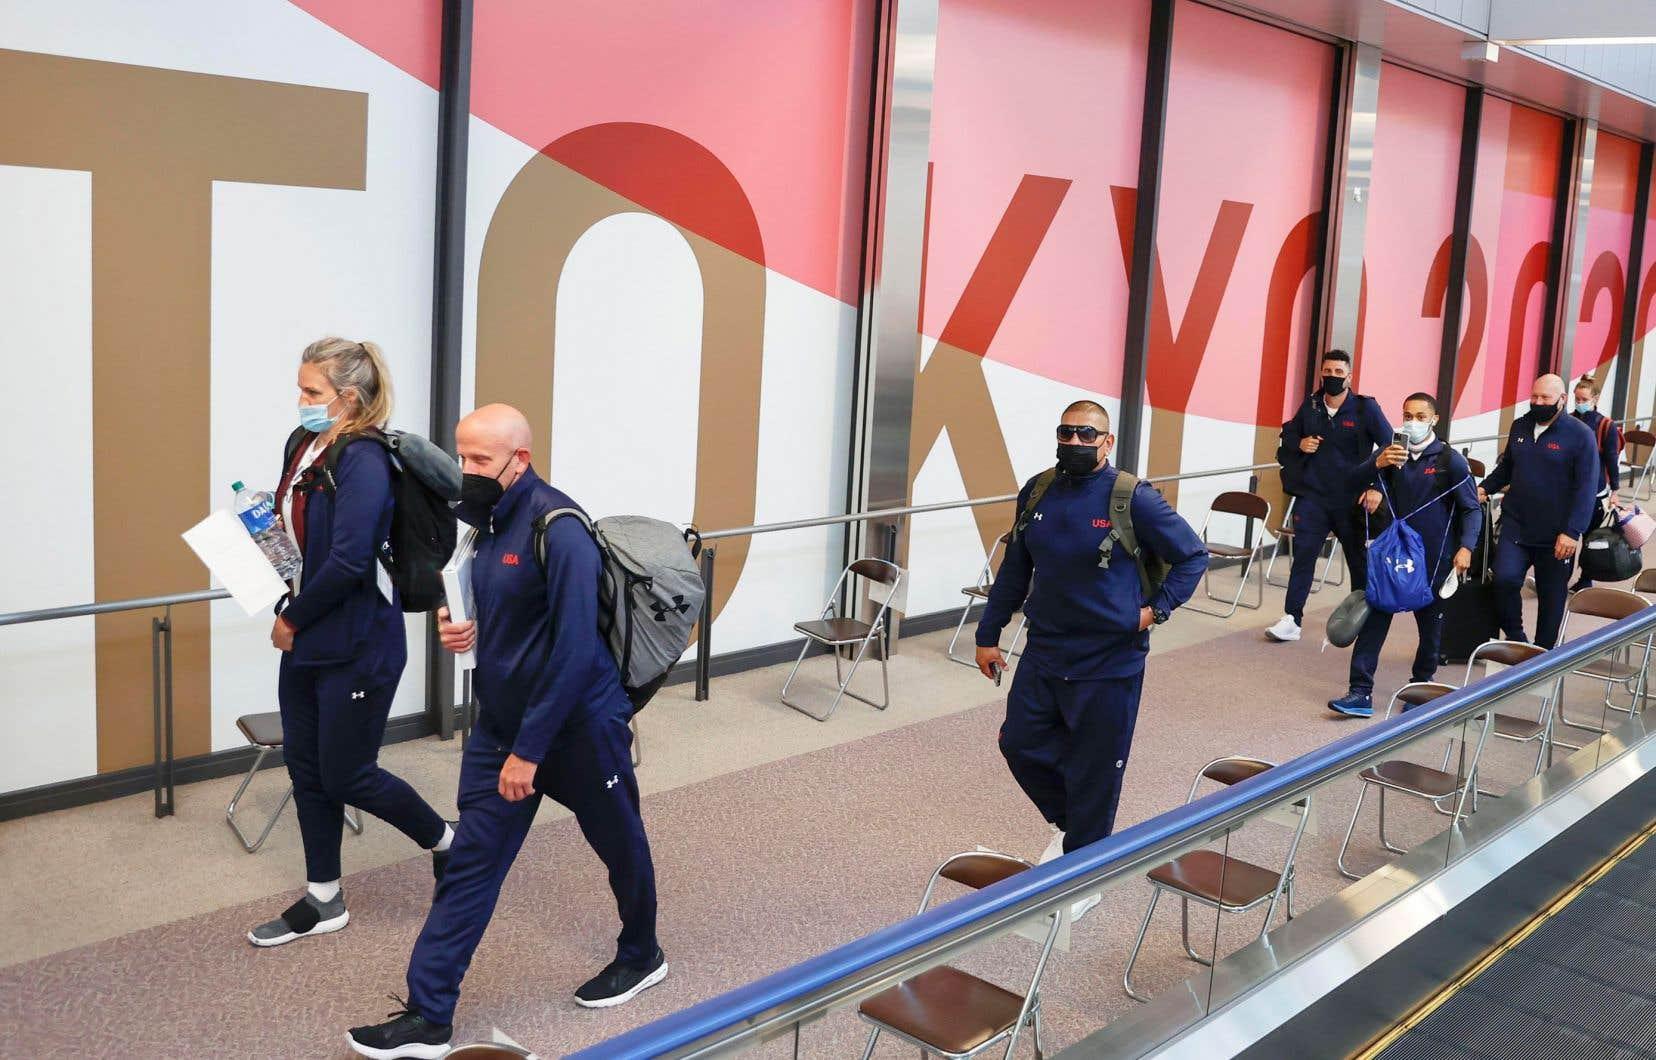 Arrivée de l'équipe américaine de boxe à l'aéroport international de Narita, à l'est de Tokyo, le 1er juillet dernier.